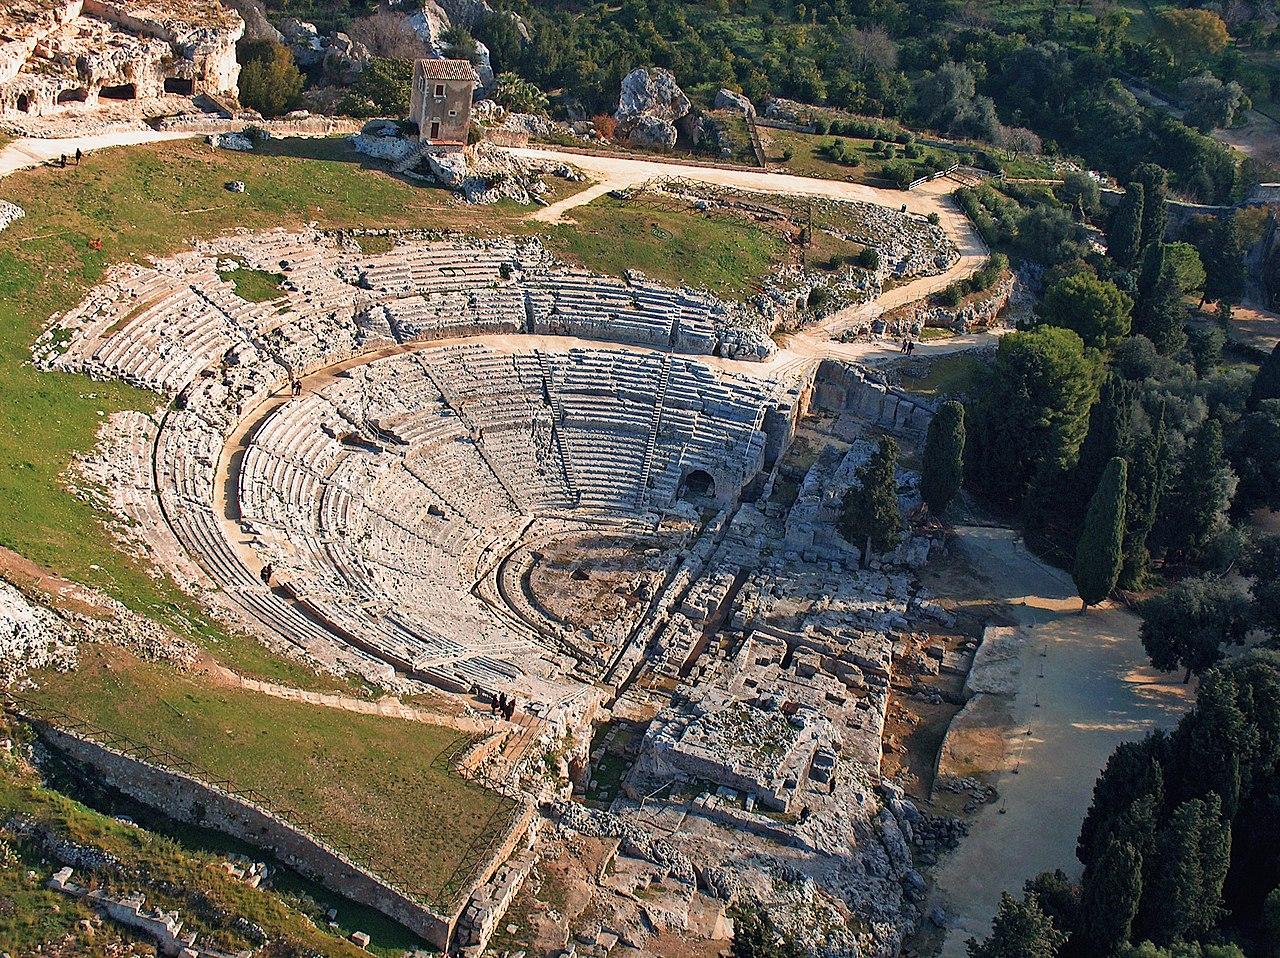 anfiteatro siracusa - guia de viaje siracusa italia